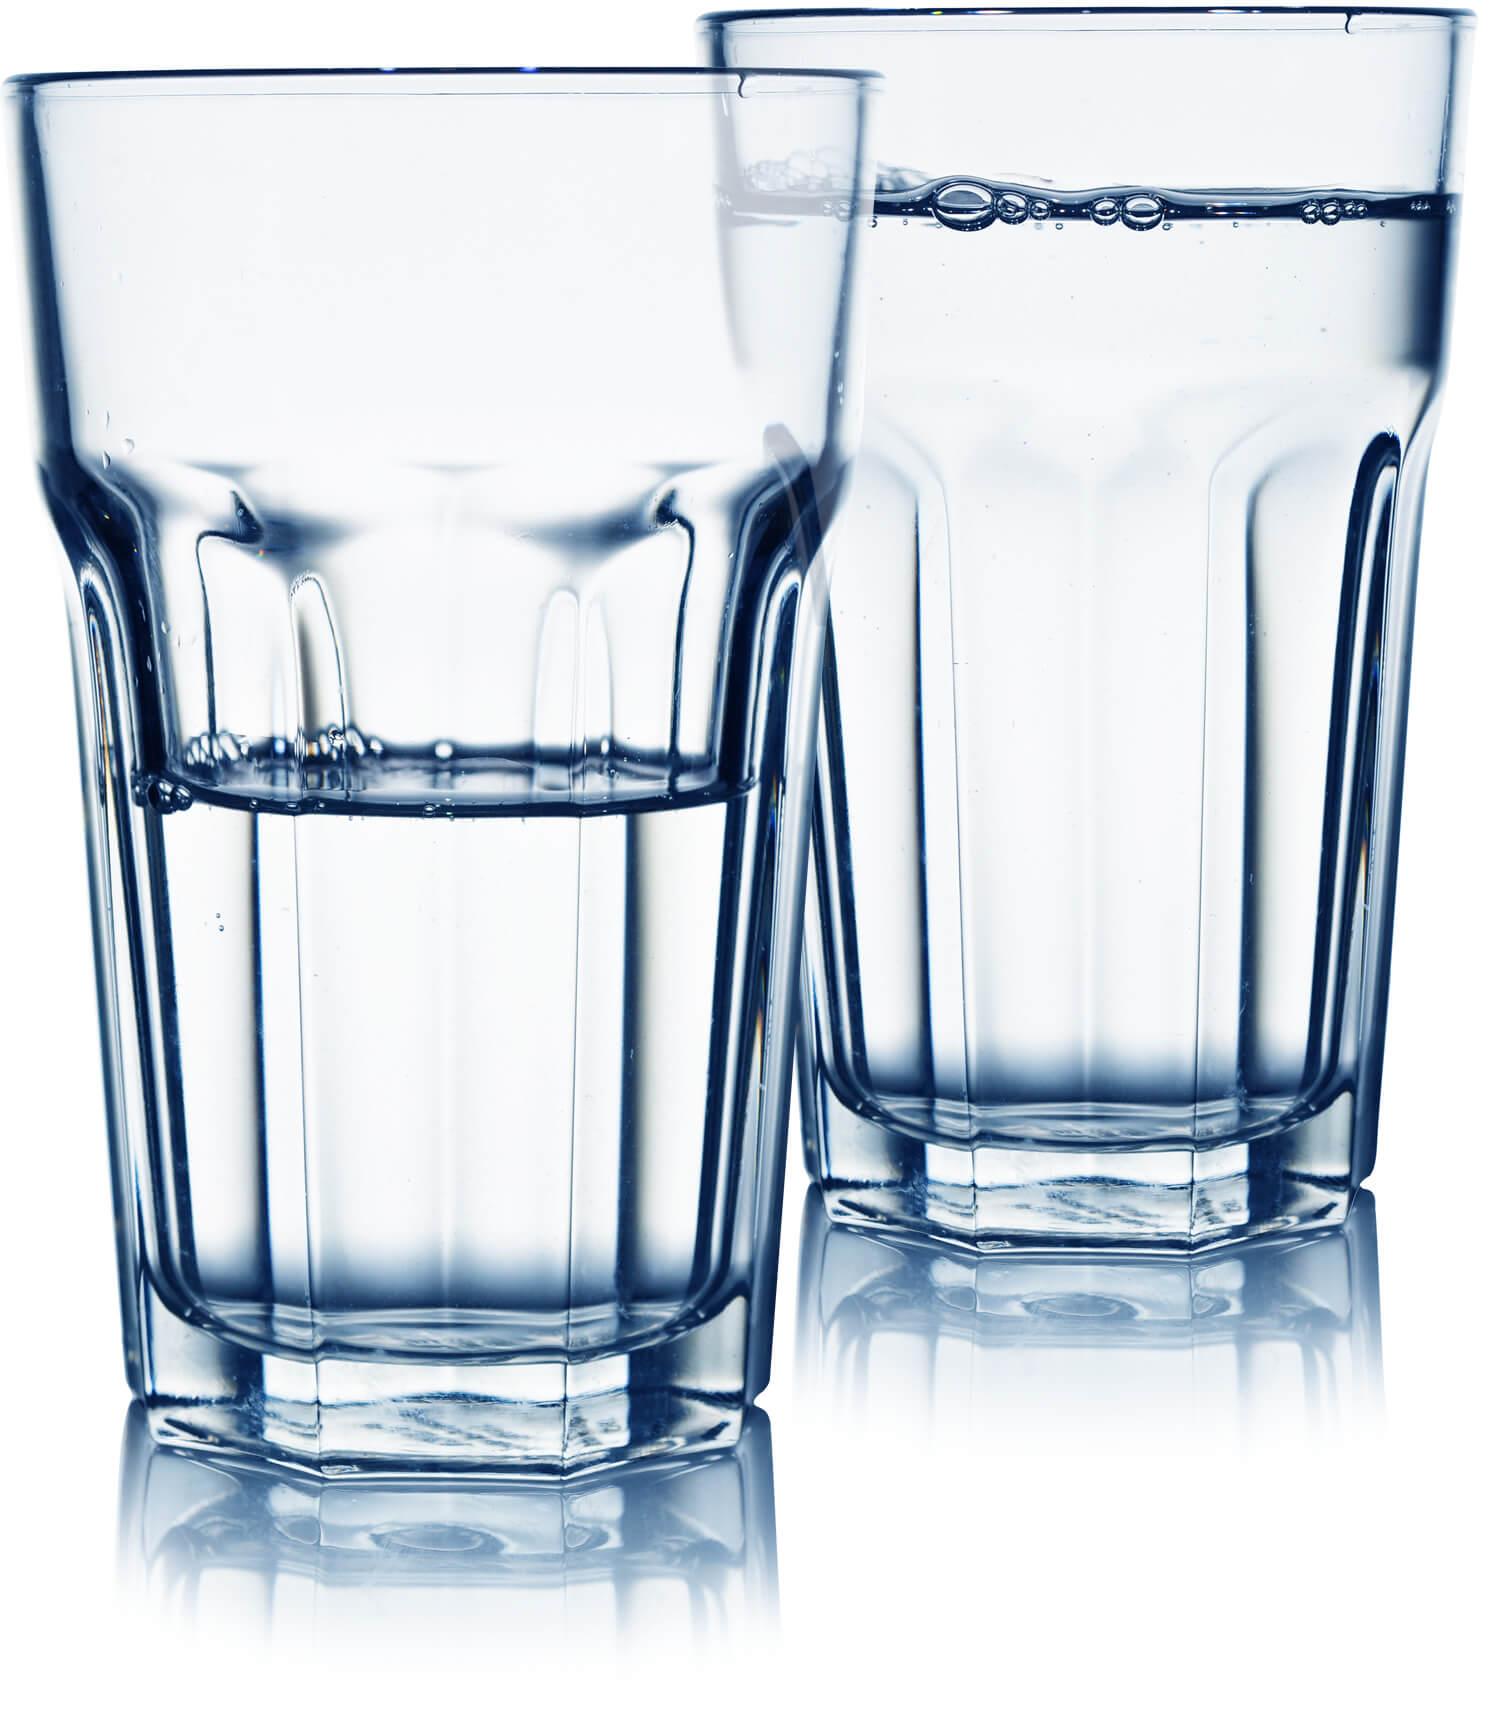 Dystrybutory zfiltrem dowody zsieci wodociągowej dobiur igastronomii